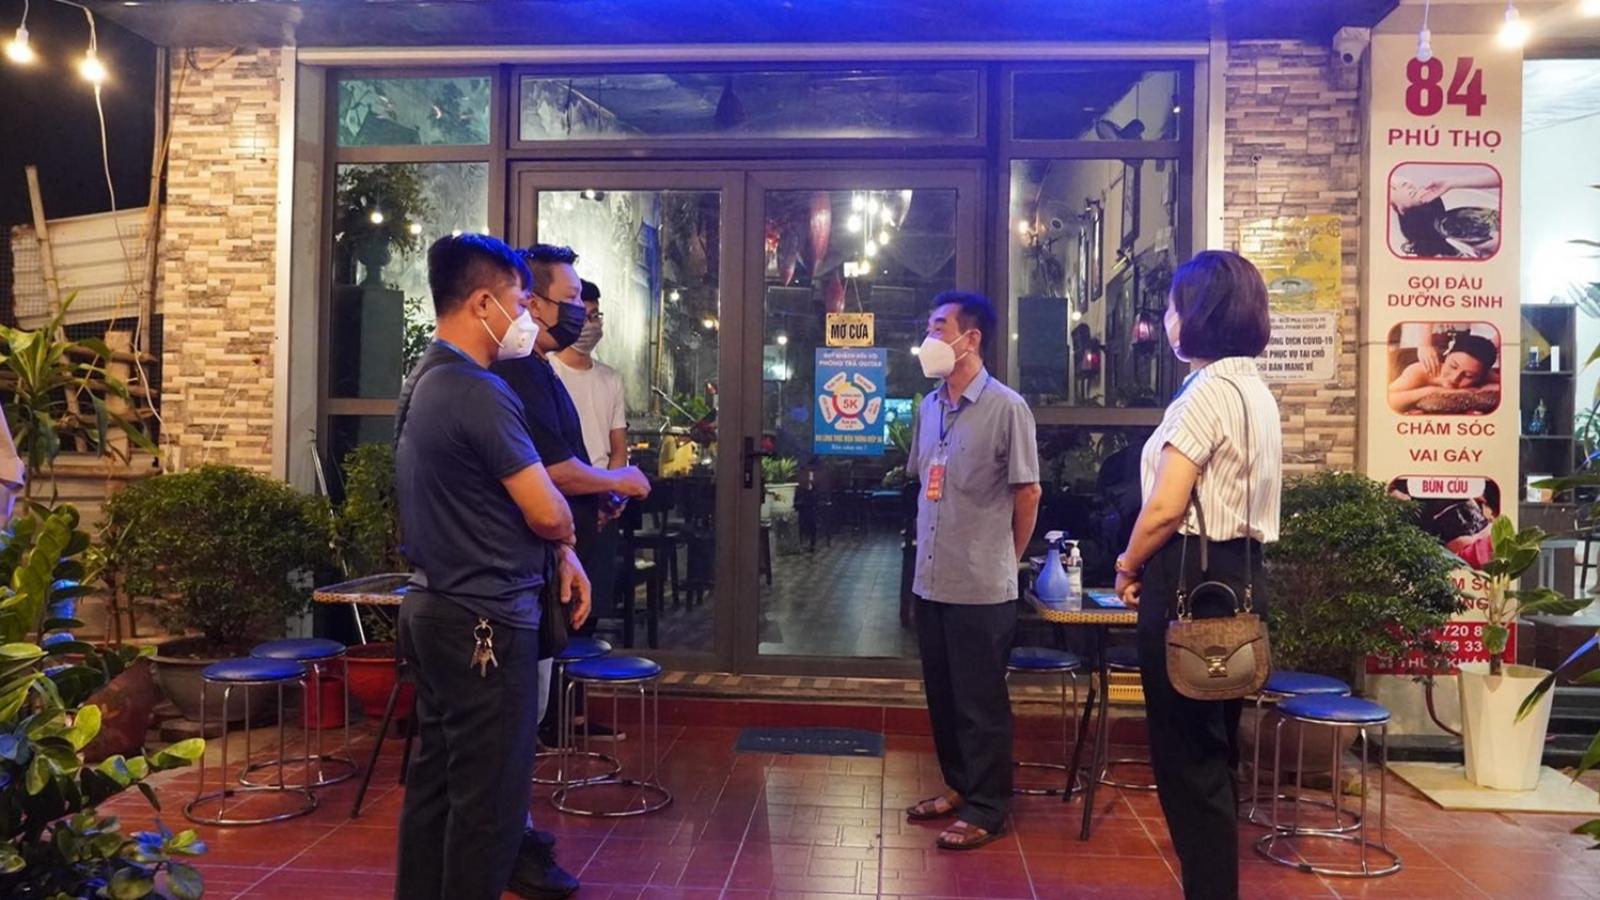 TP. Hải Dương tạm dừng hoạt động nhà hàng, quán ăn